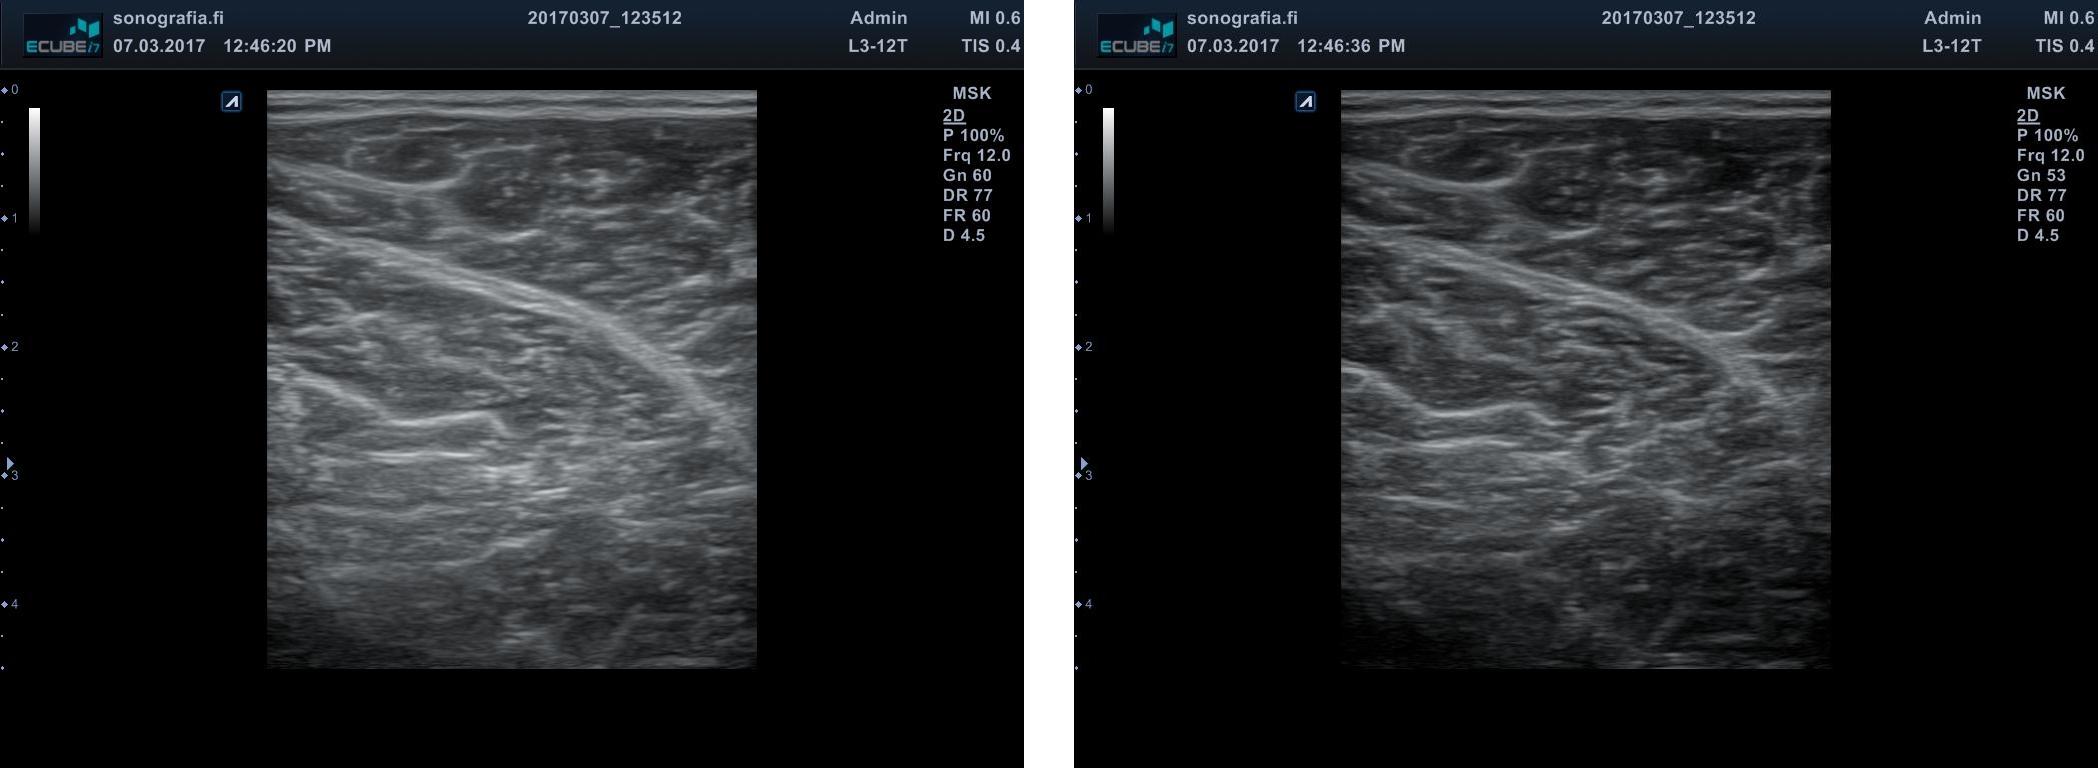 Gain yhdistelmä • Sonografia – Tuki- ja liikuntaelimistön ultraäänikuvaus